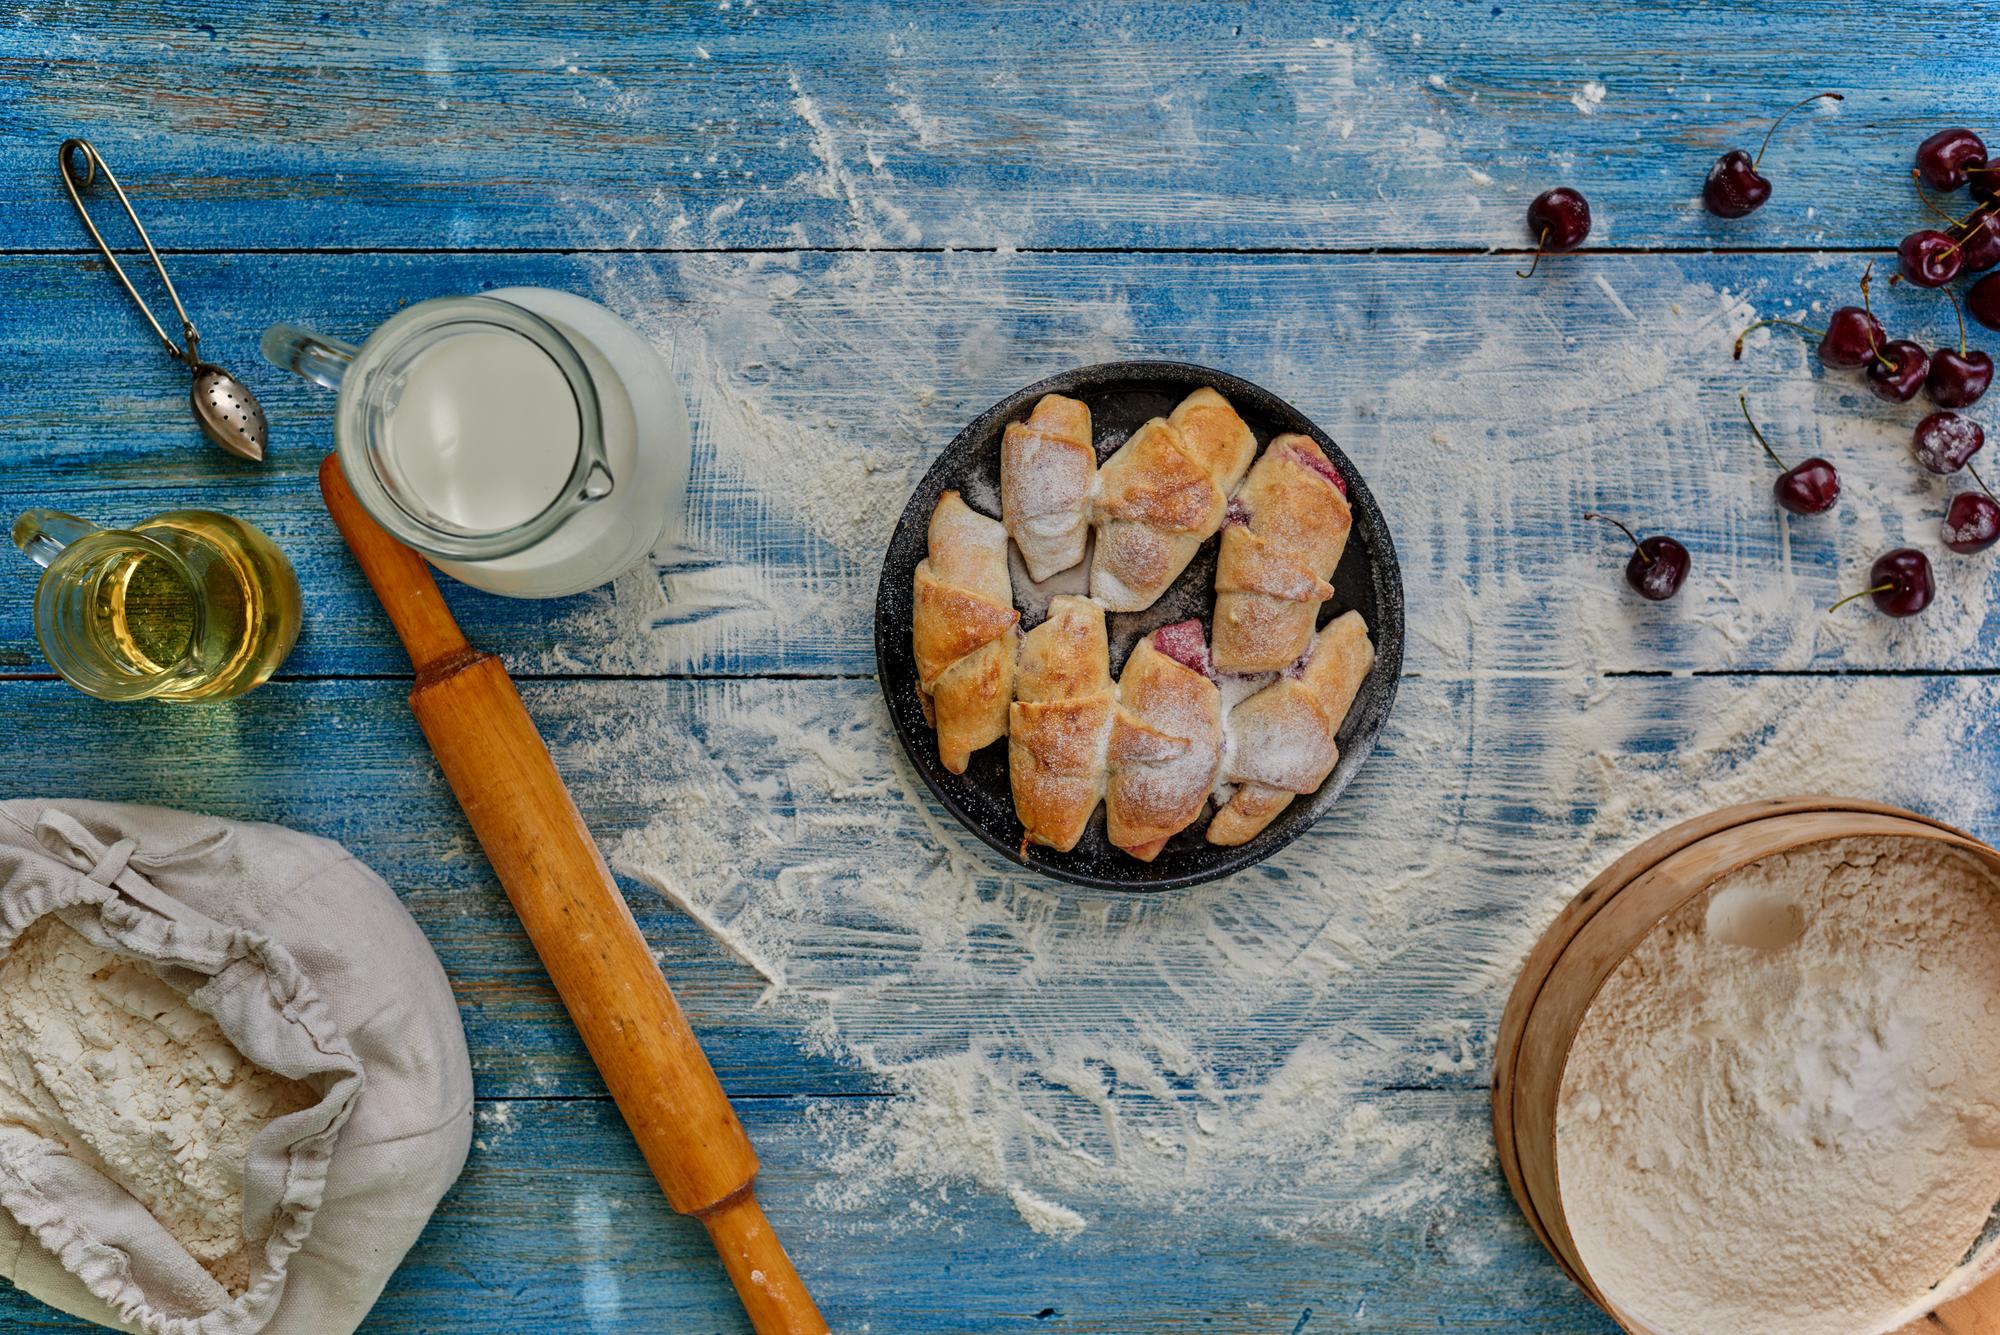 Вкуснейшие рогалики с абрикосовым джемом и орехами